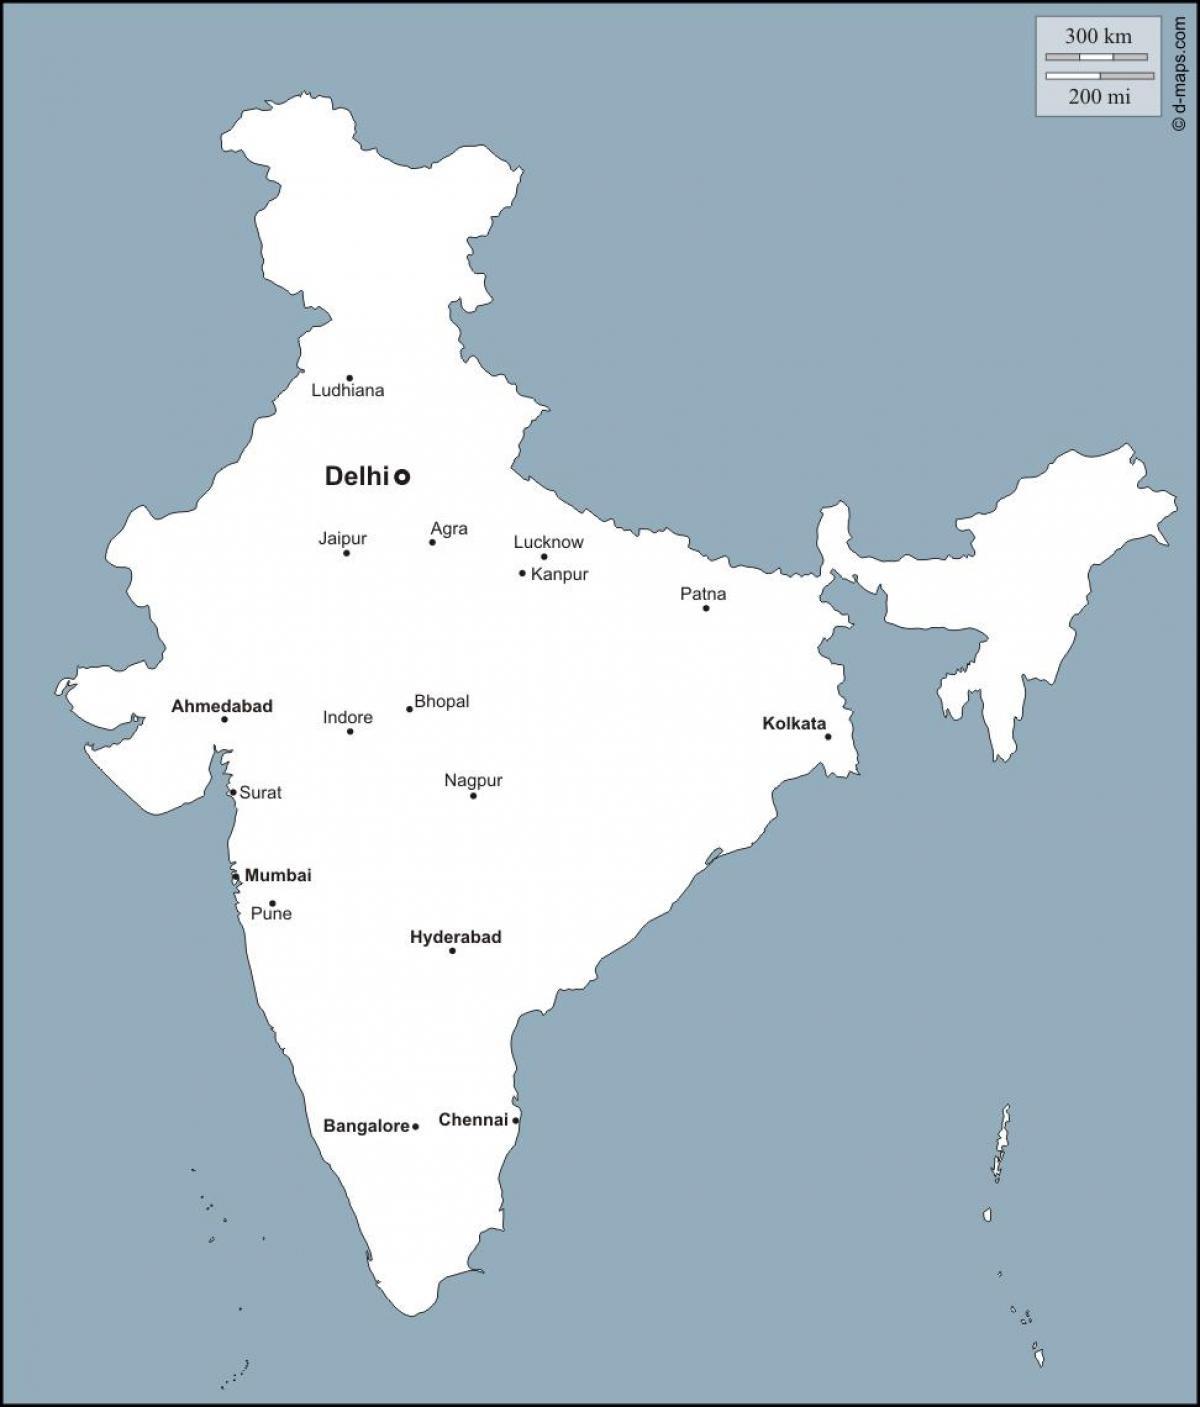 Viktiga Stader I Indien Karta Karta Over Indien Med Viktiga